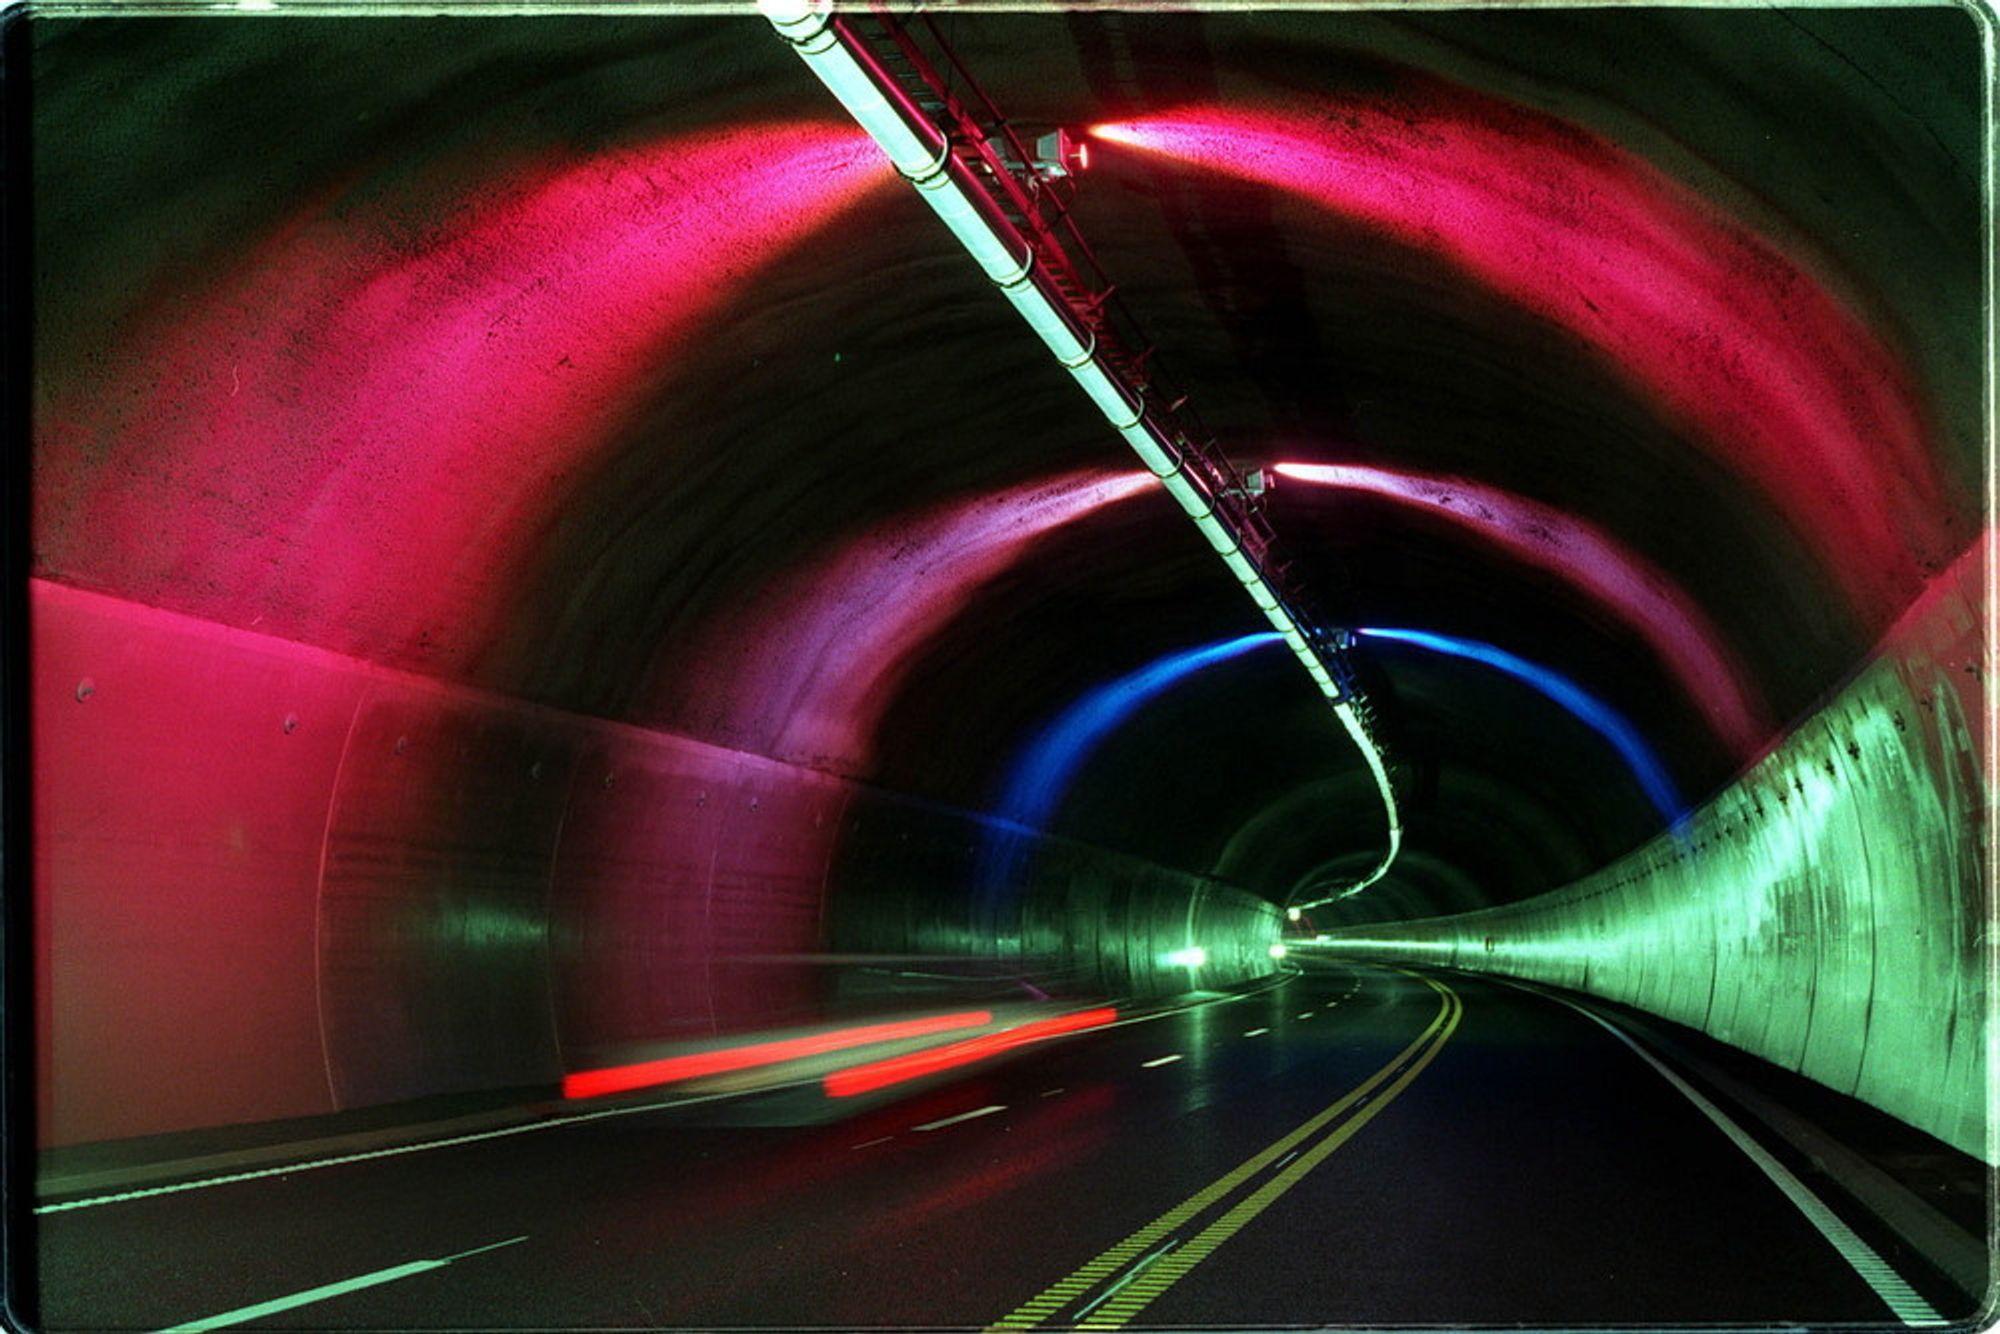 SE VIDEO I TUNNELEN: Med den nye norske løsningen unngår du at videoen faller ut hvis du mister signalet, for eksempel inne i en tunnel.